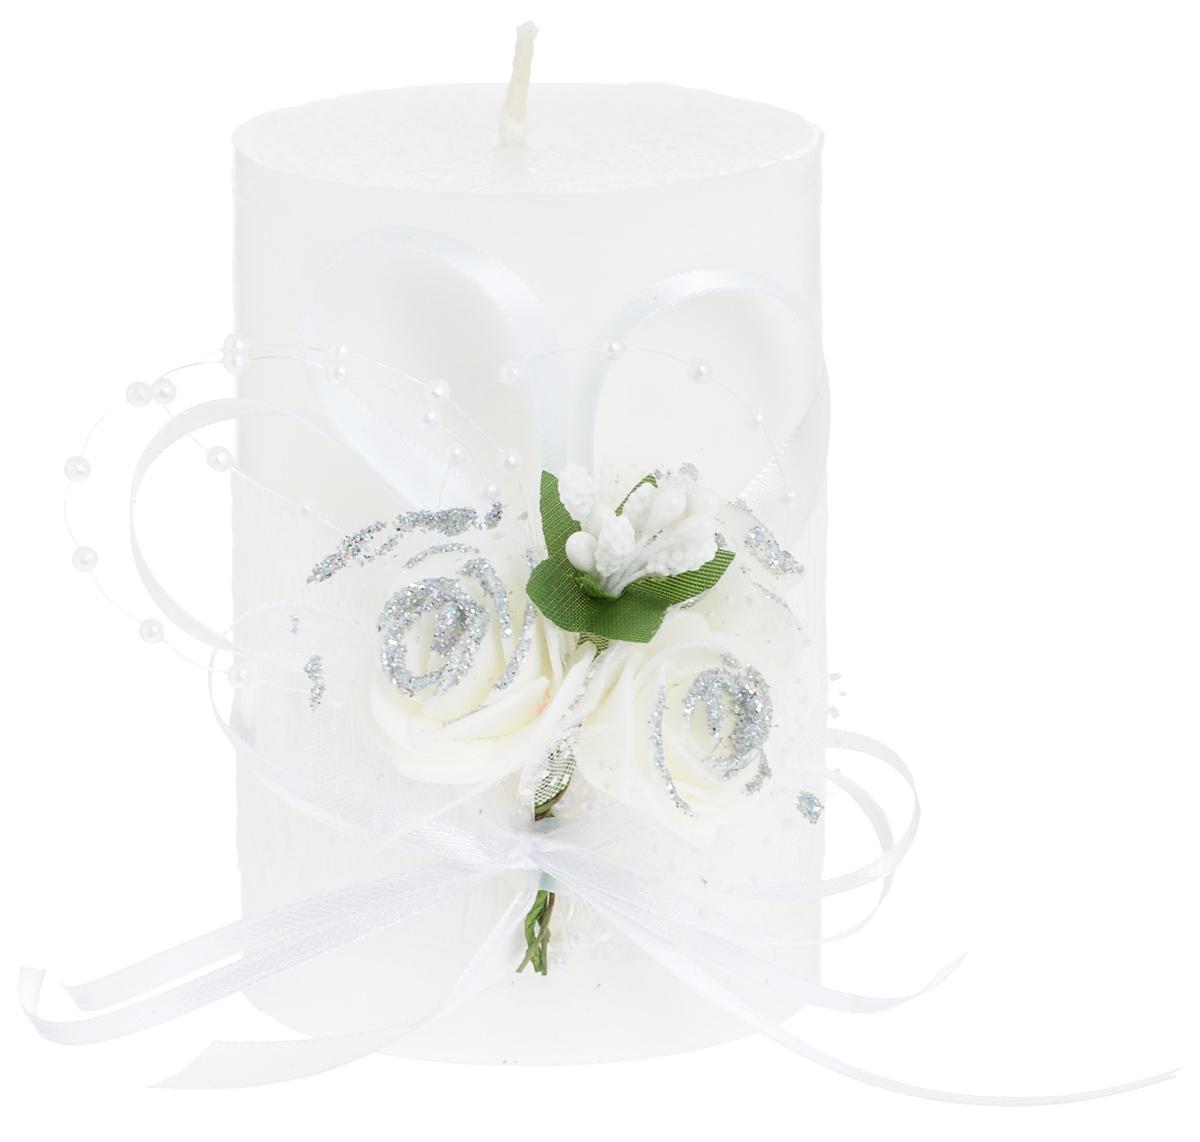 Свеча декоративная Win Max Свадебная, высота 10 см. 9470494704Свеча декоративная Win Max Свадебная выполнена из парафина белого цвета. Изделие выполнено в форме столбика и декорировано композицией из цветов и ленточек.Свеча будет вас радовать и достойно украсит интерьер. Вы можете поставить свечу в любом месте, где она будет удачно смотреться и радовать глаз. Кроме того, эта свеча - отличный вариант подарка для ваших близких и друзей.Диаметр свечи: 7 см.